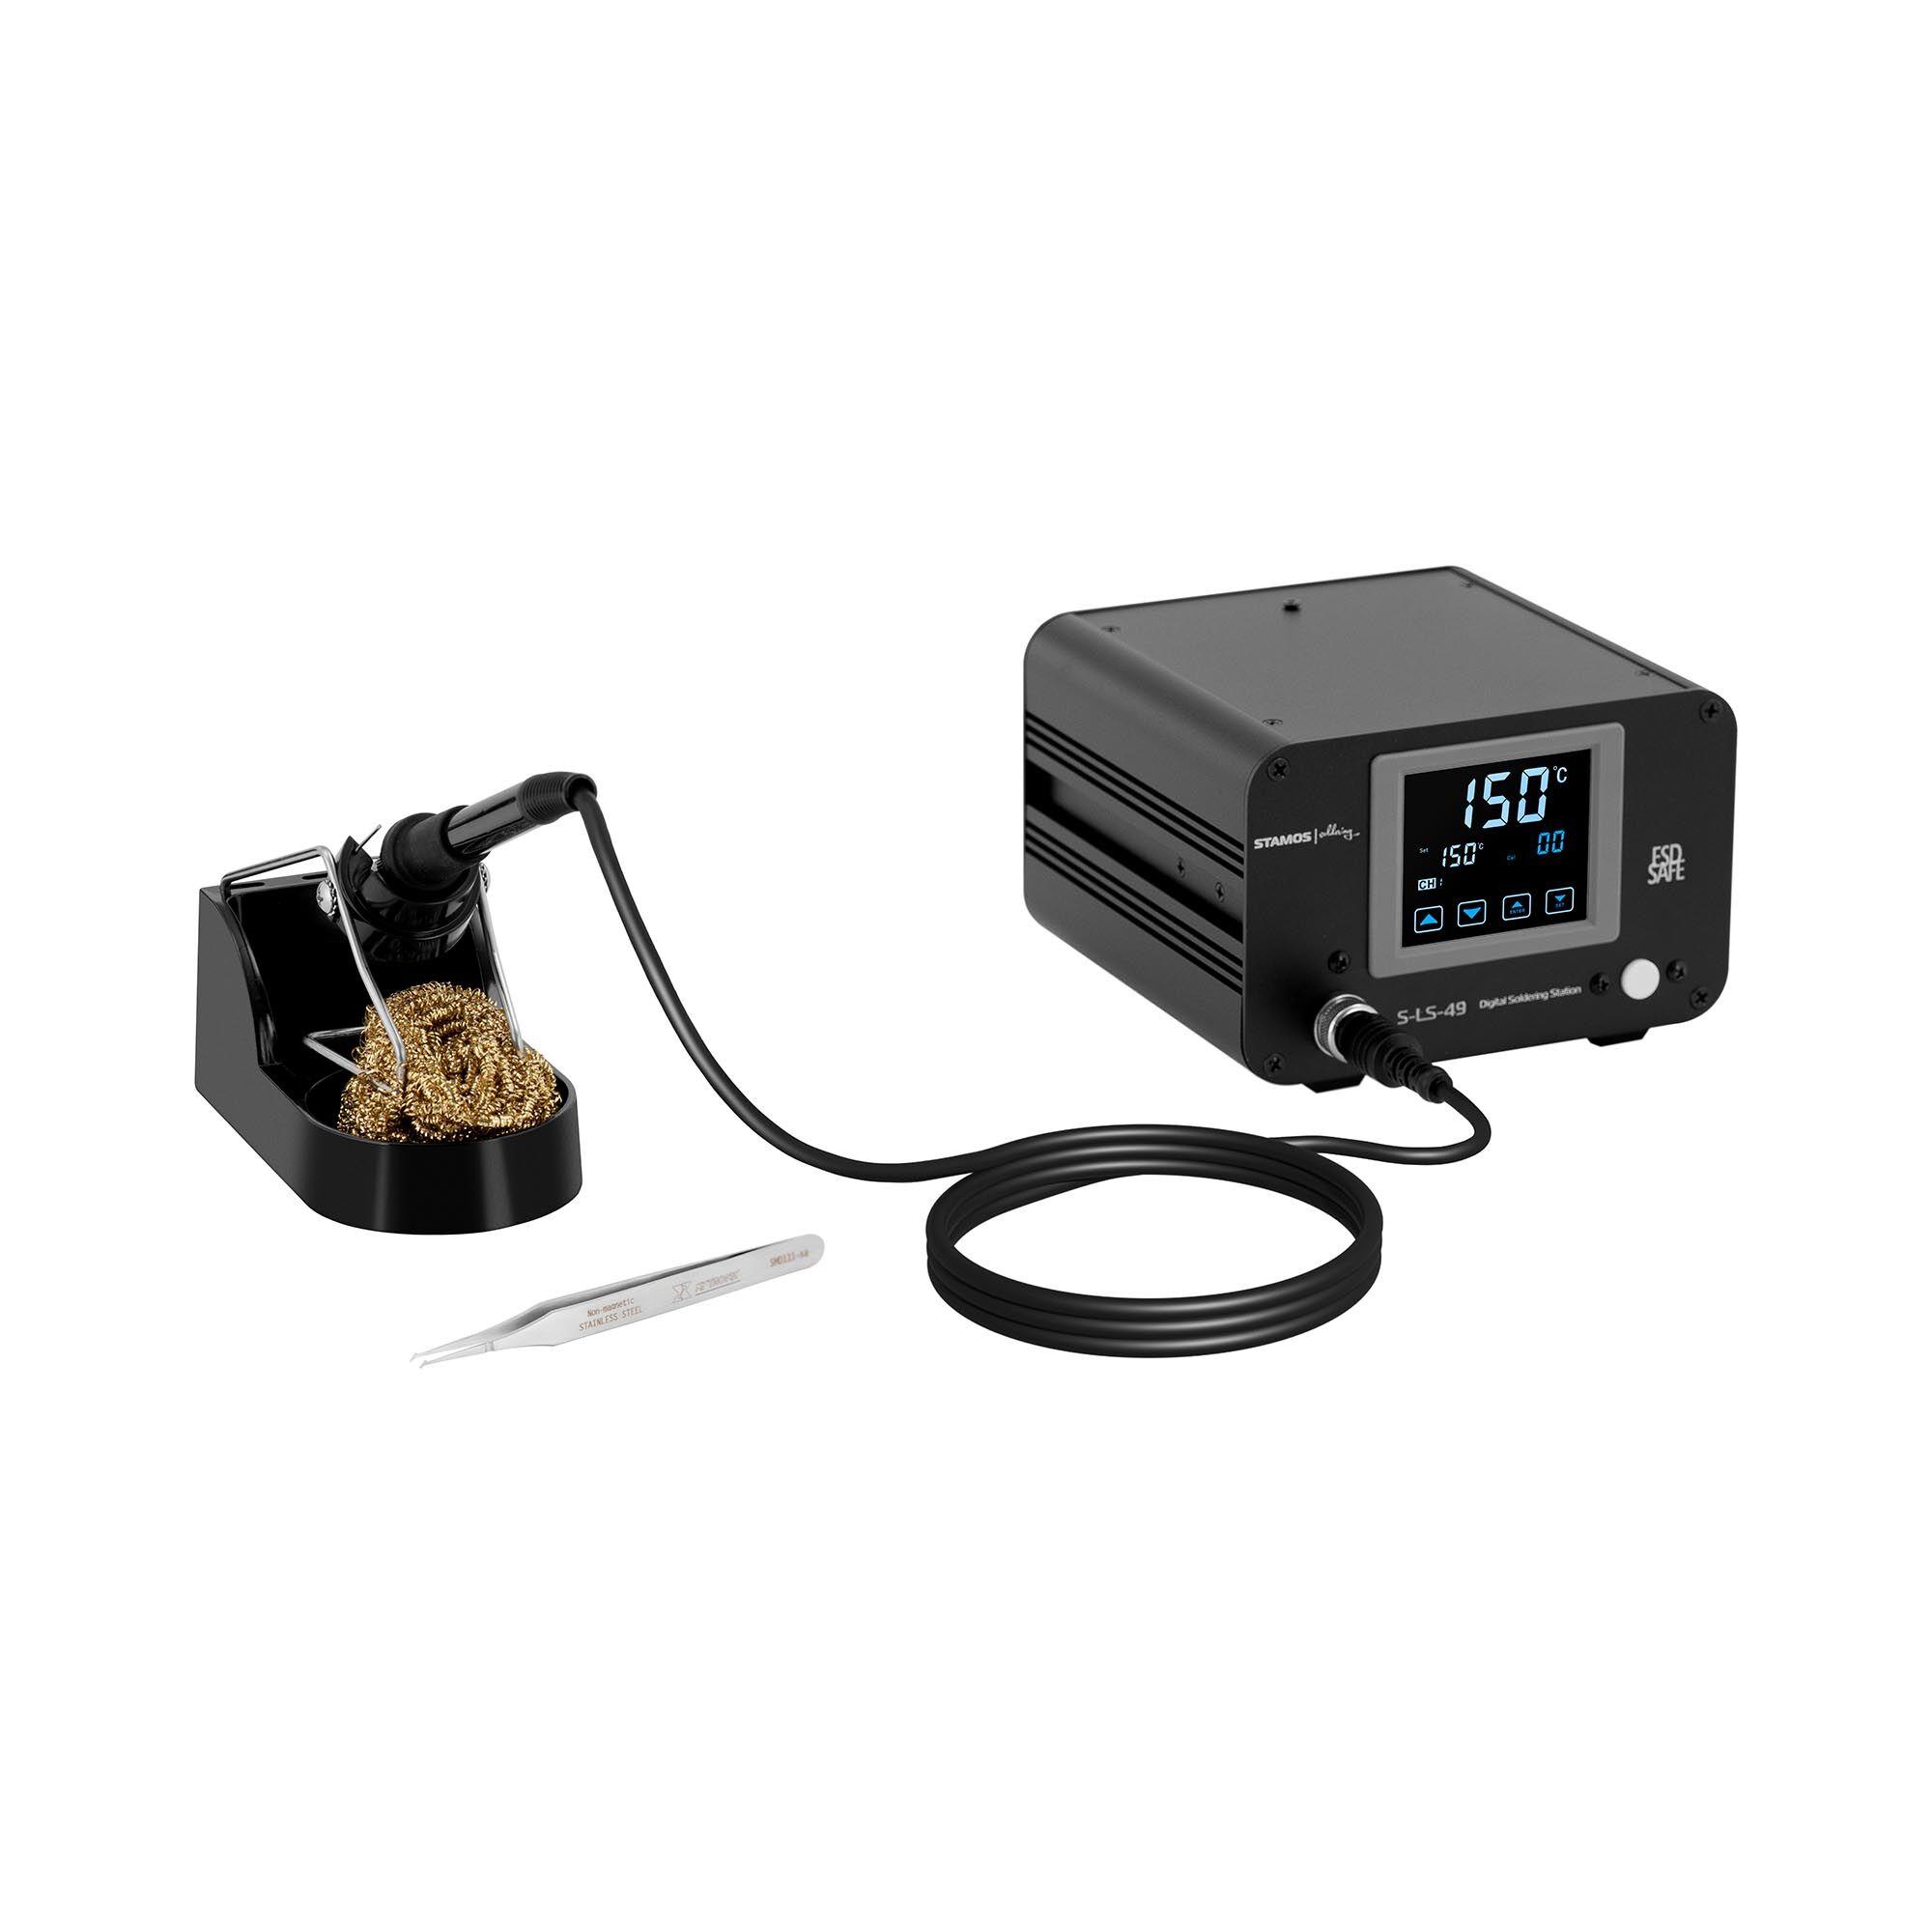 stamos soldering stazione saldante - digitale - 100 w - lcd-touch s-ls-49